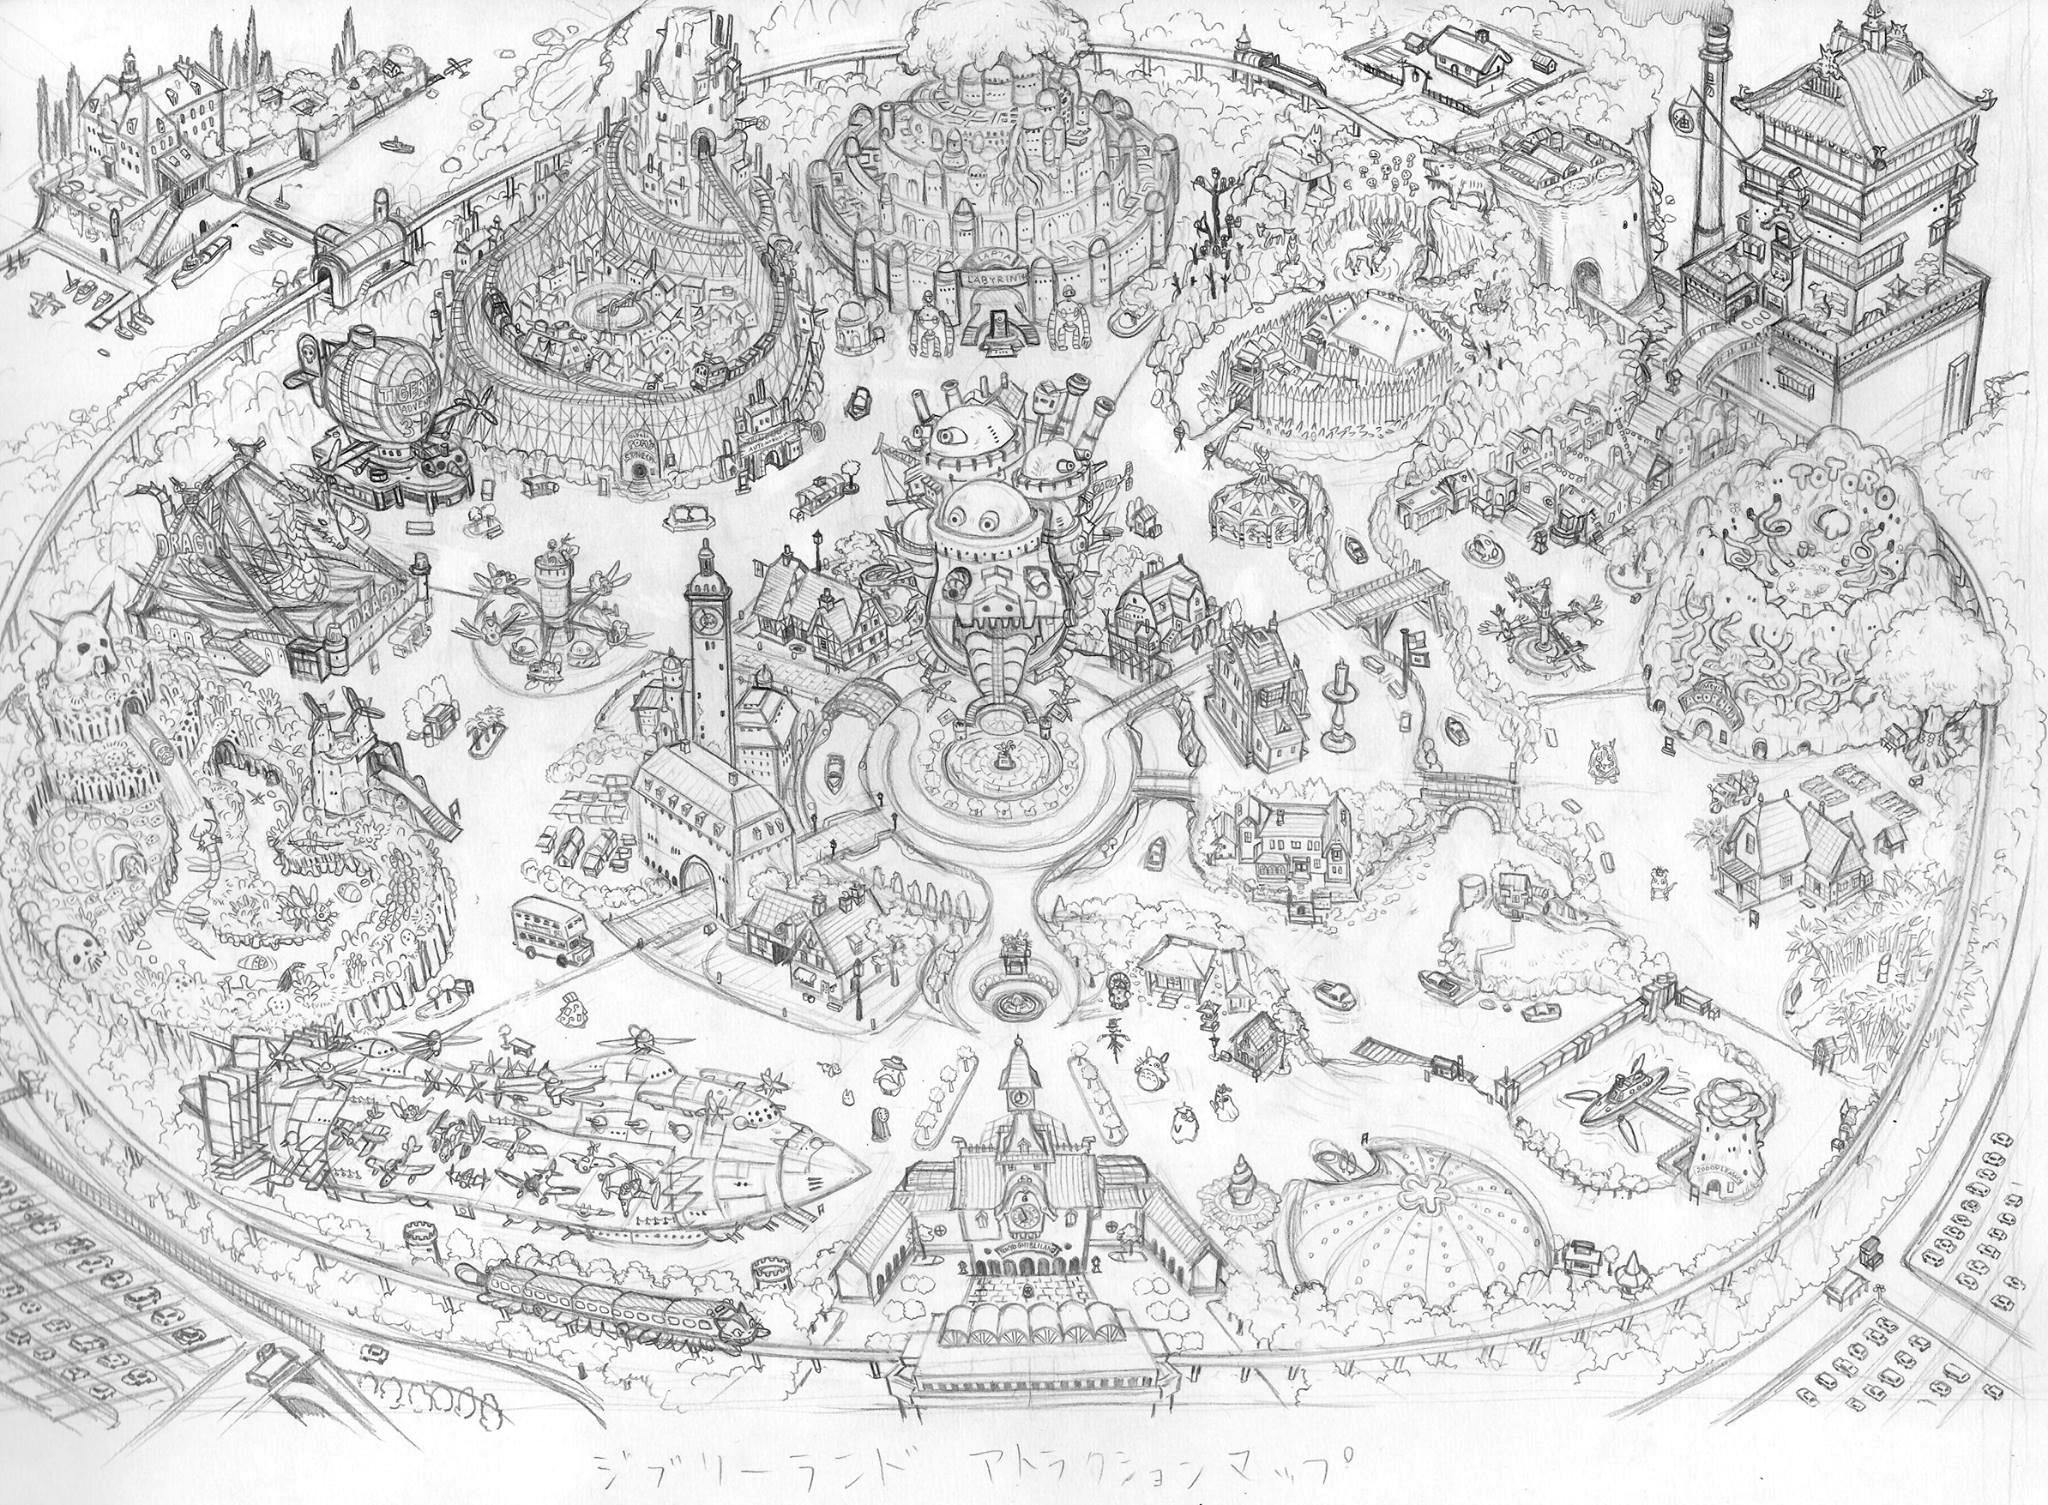 Mappa di Ghibli Land in bianco e nero